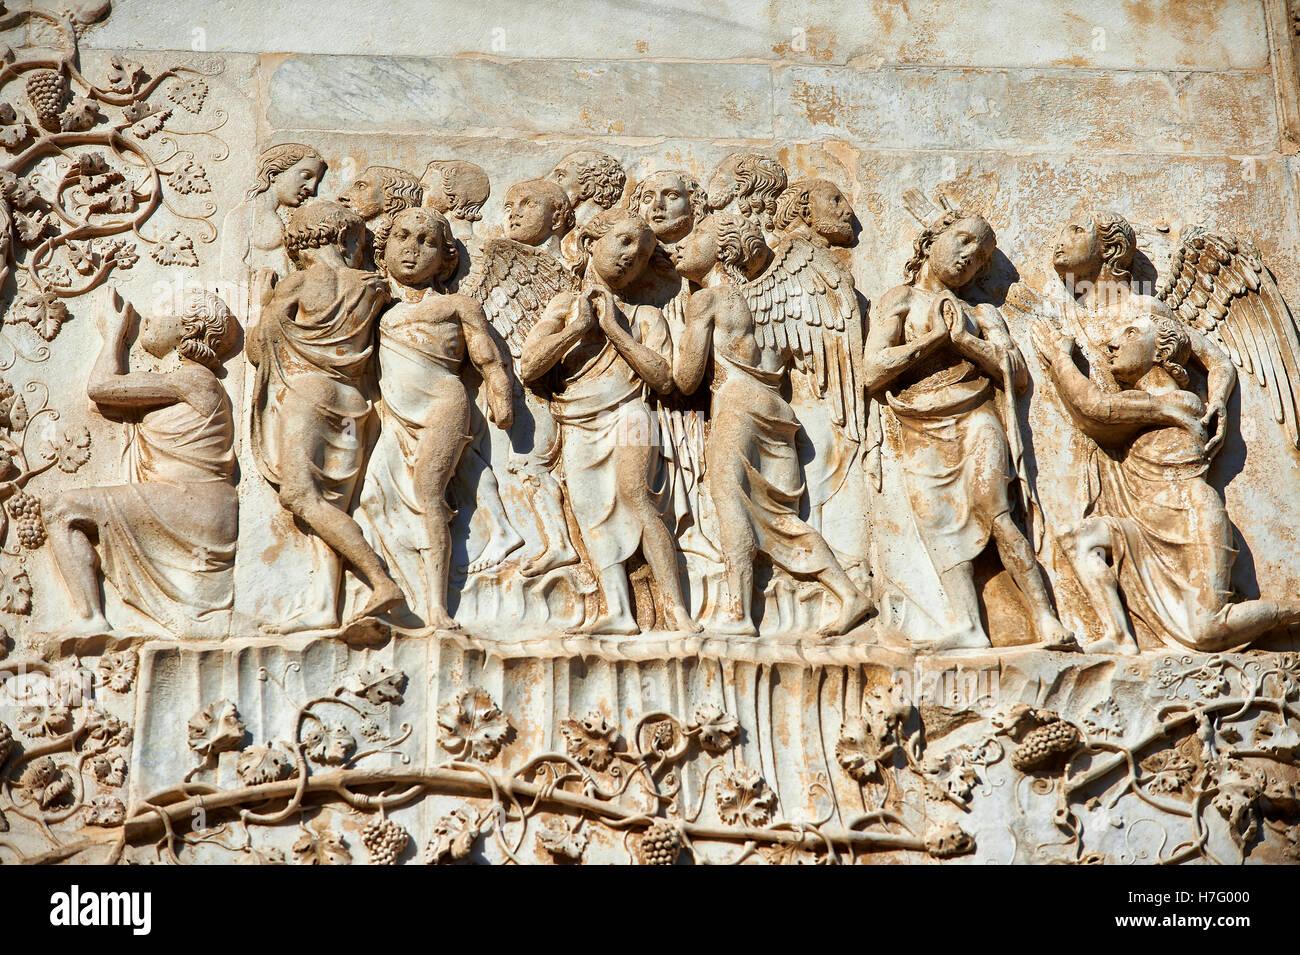 Relief des jüngsten Gerichts von Maitani, circa1310, toskanischen Gotik, Fassade Orvieto Duomo Kathedrale, Stockbild